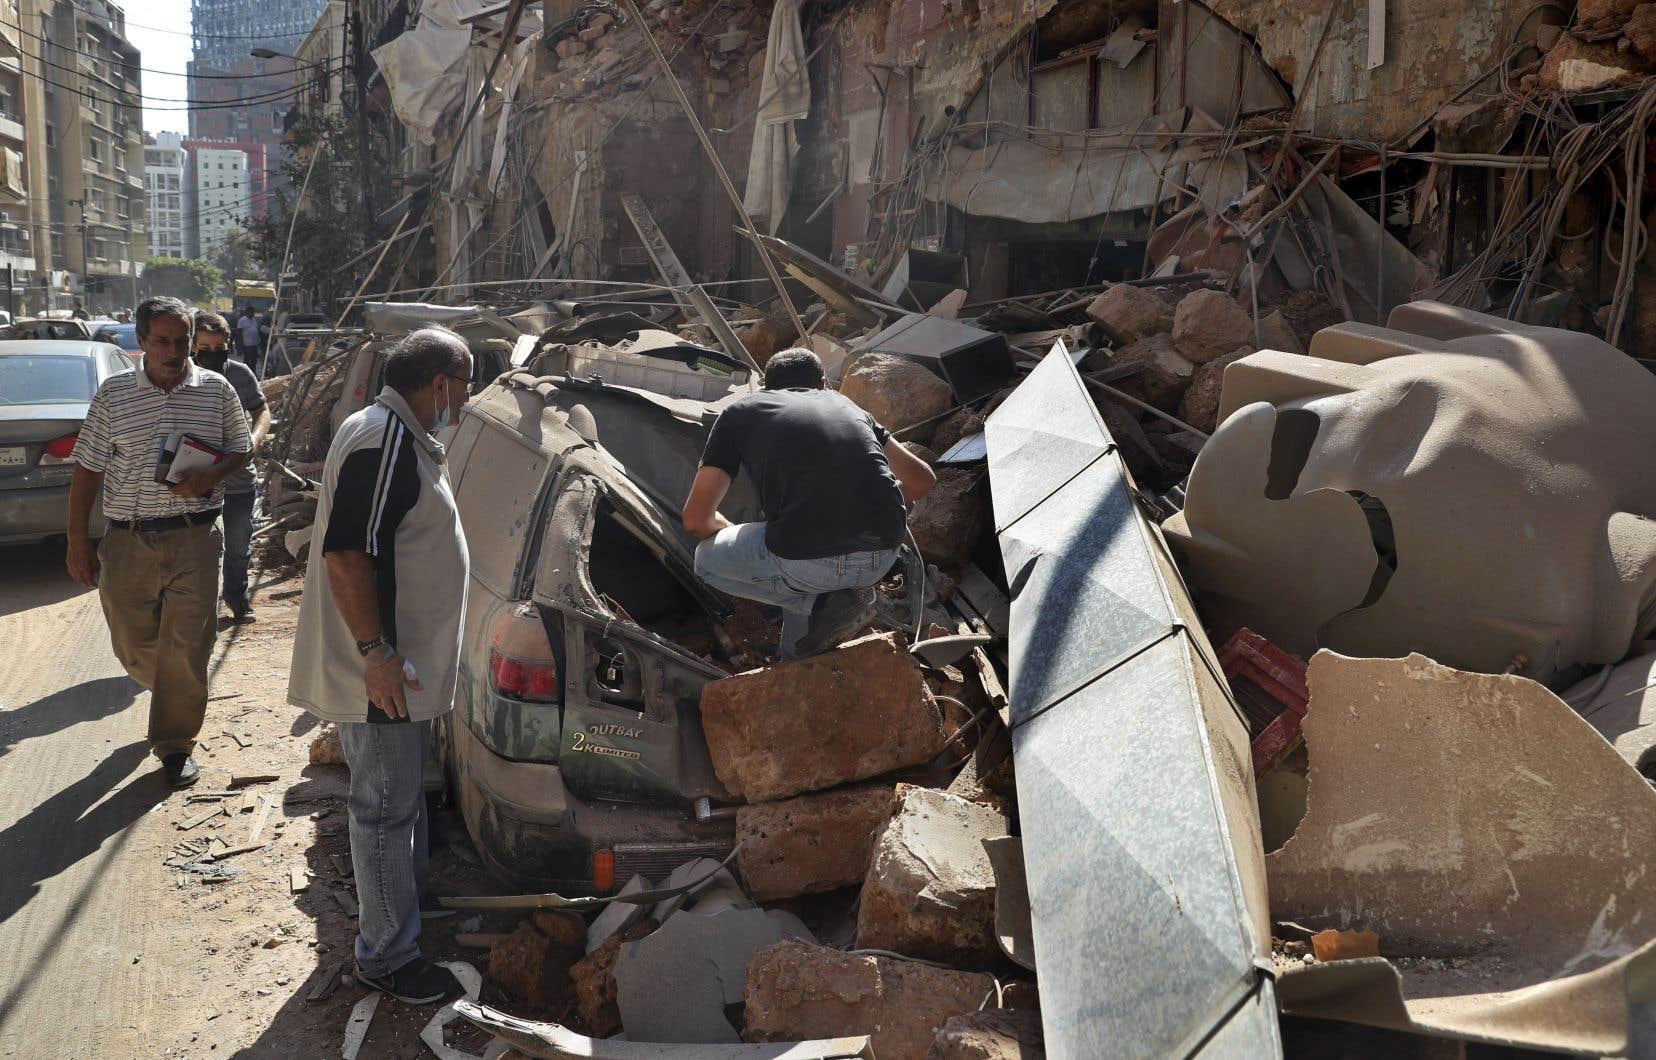 L'explosion survenue mardi à Beyrouth est la plus puissante jamais vue dans la ville, avec un rayon de destruction de plusieurs kilomètres.